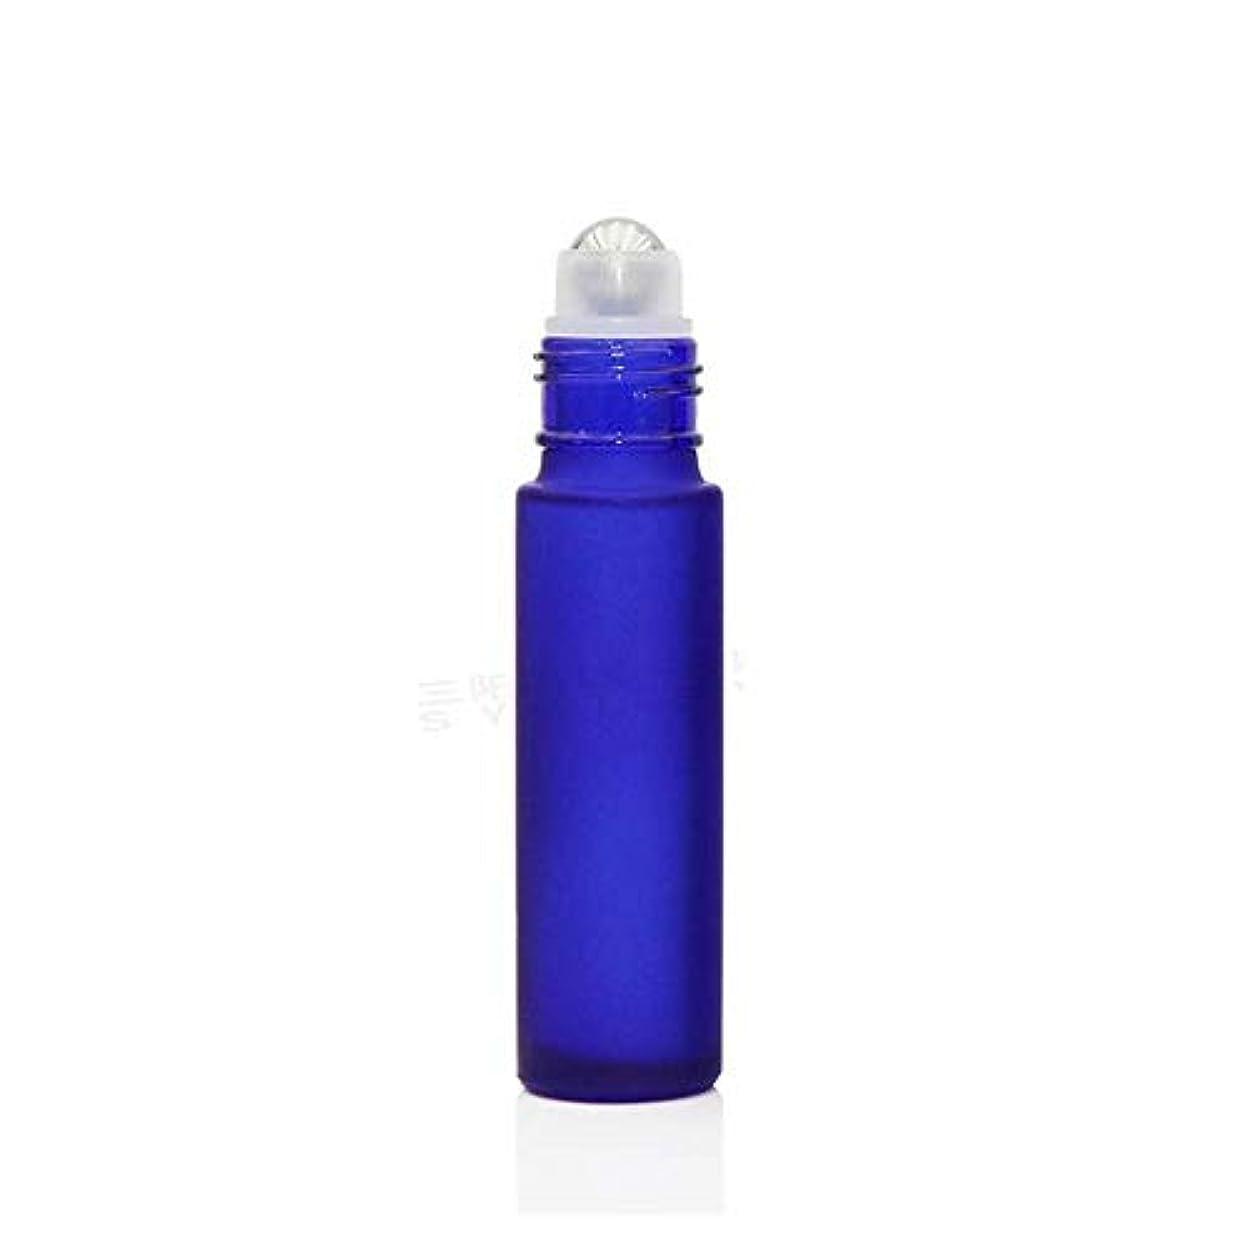 人類女優私たちのものgundoop ロールオンボトル アロマオイル 精油 小分け用 遮光瓶 10ml 10本セット ガラスロールタイプ (ブルー)